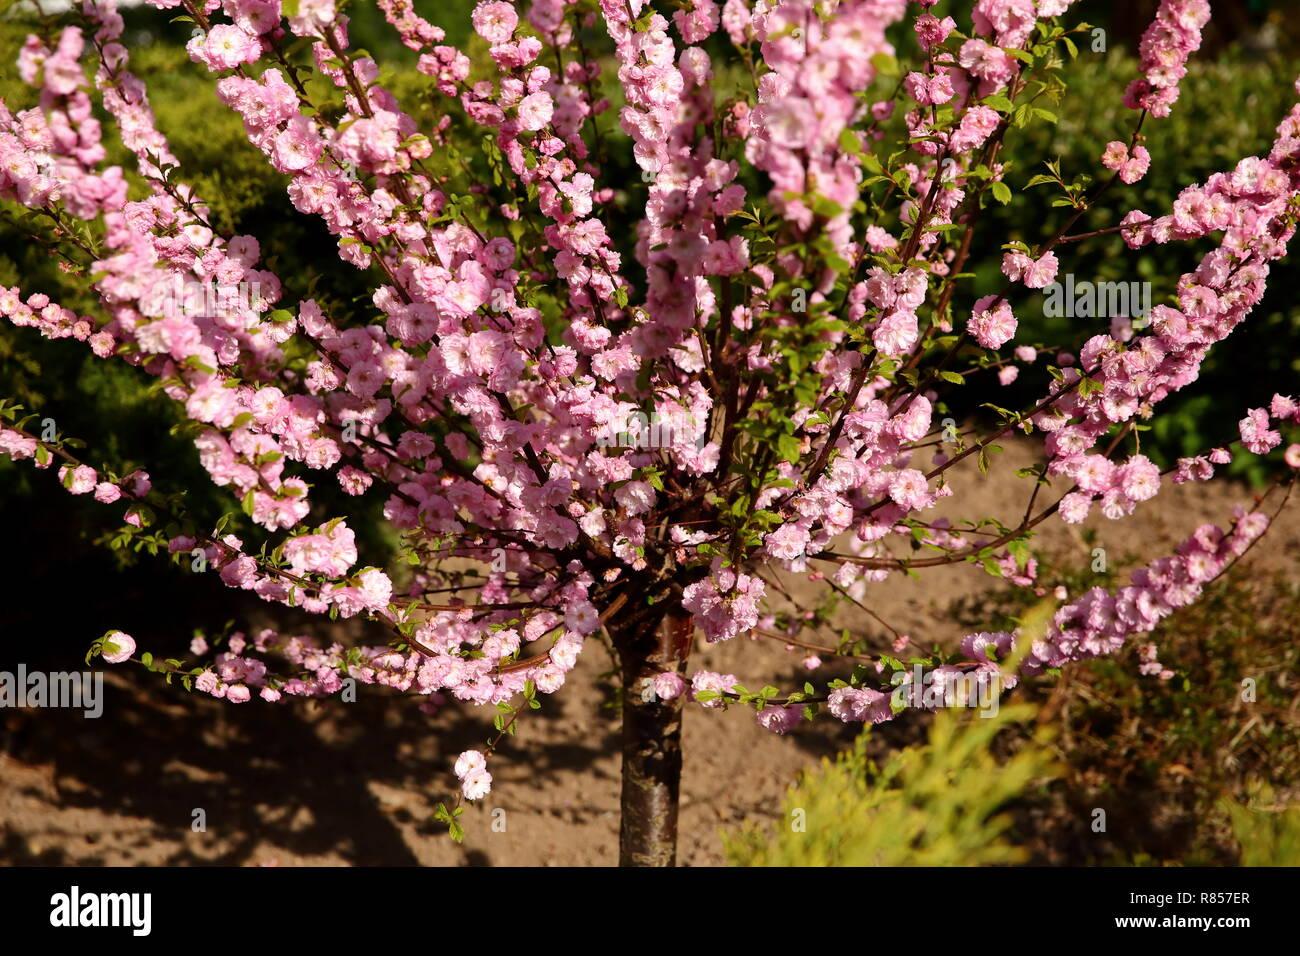 Prunus triloba to wyjątkowe drzewo obficie kwitnące w miesiącu kwietniu w Polsce. - Stock Image